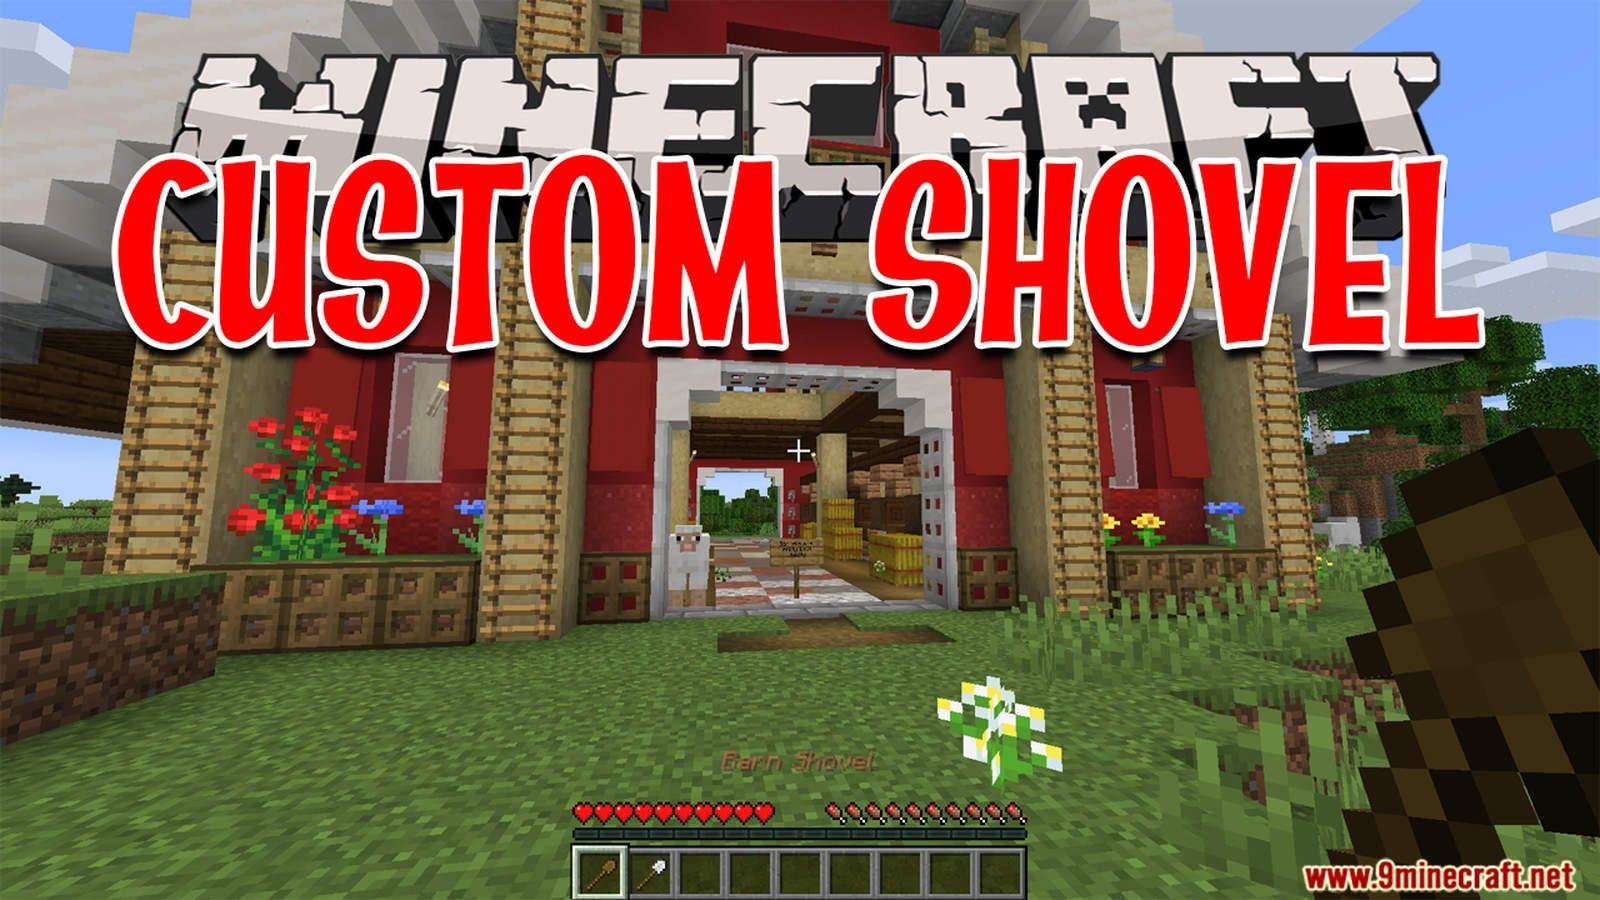 Custom Shovel Data Pack Thumbnail